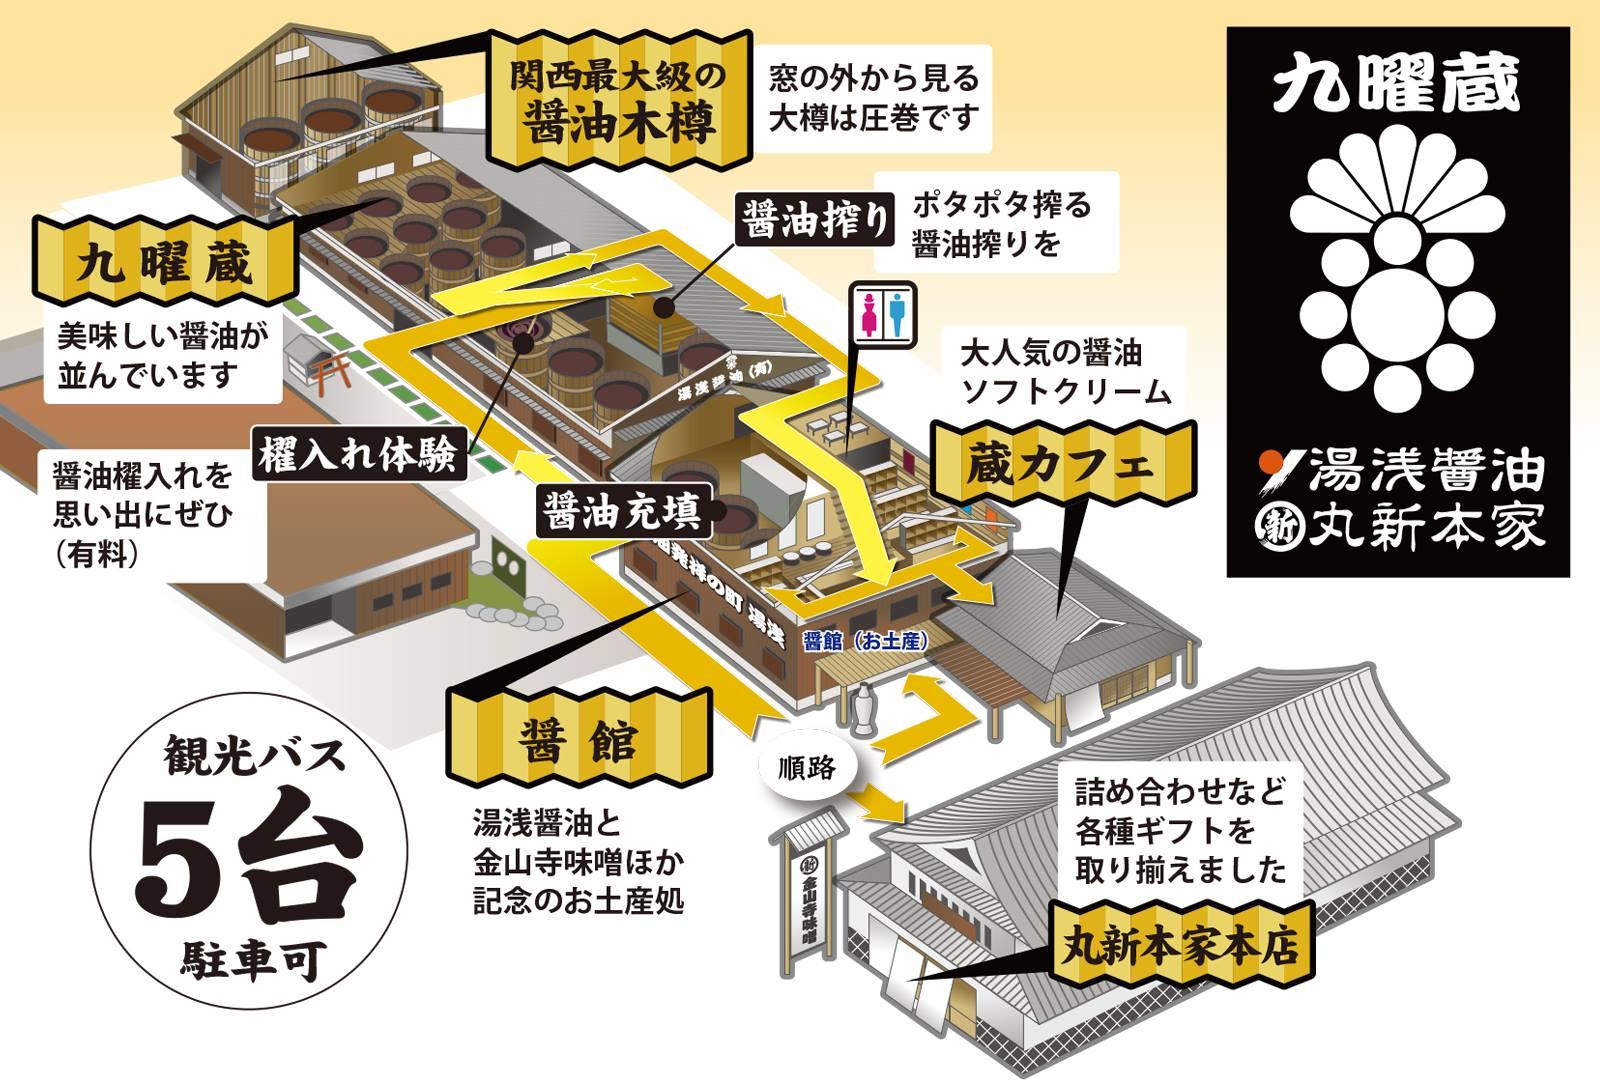 児玉さん蔵地図バス5台新九曜蔵付き2017イラスト